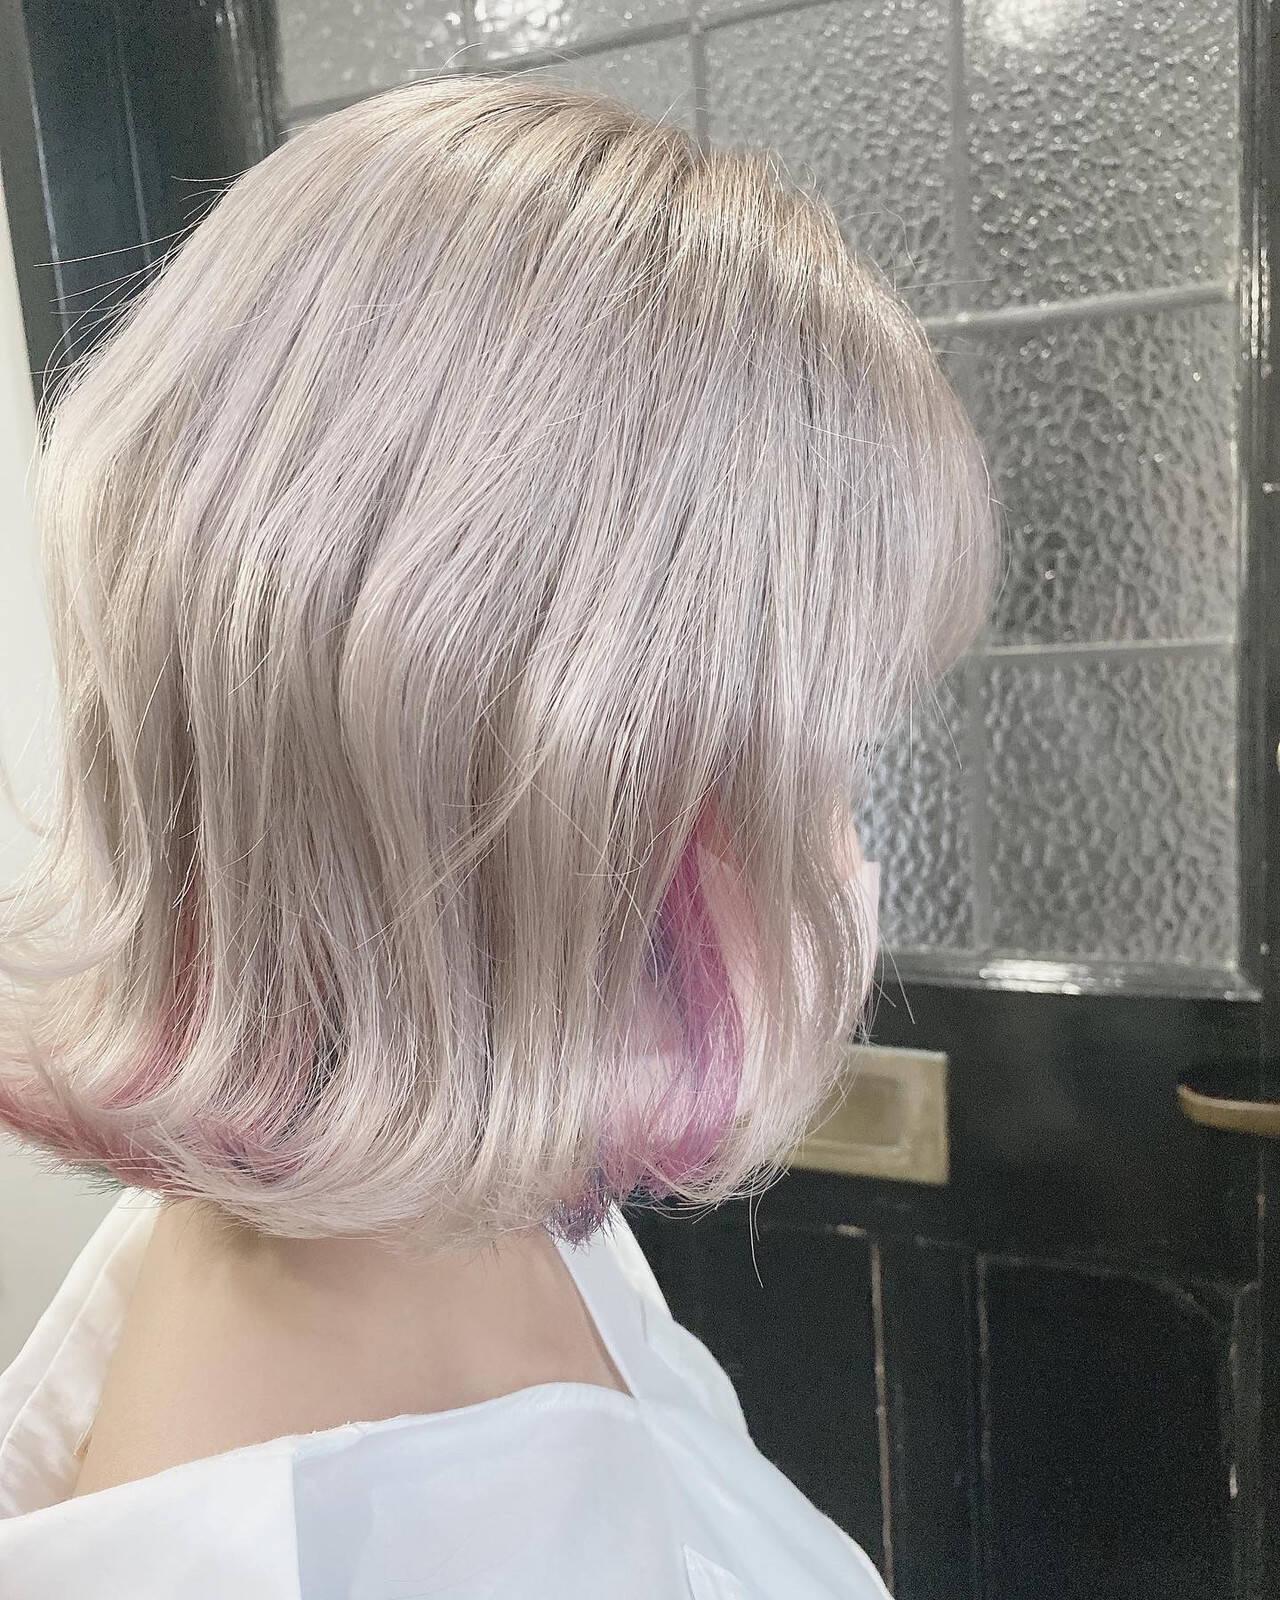 ガーリー インナーカラー ミニボブ ボブヘアスタイルや髪型の写真・画像